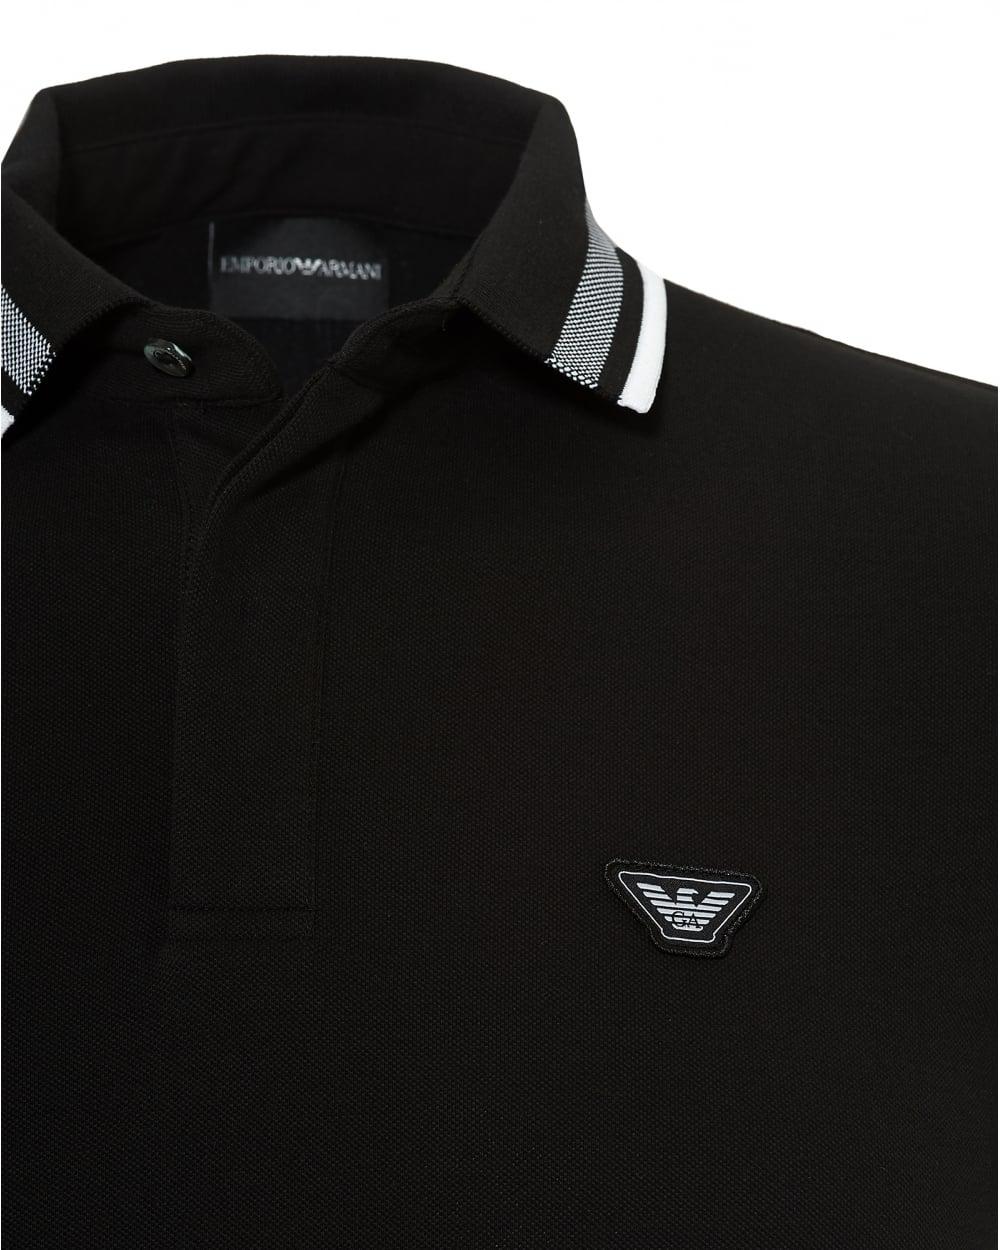 Buy Polo Shirt Uk